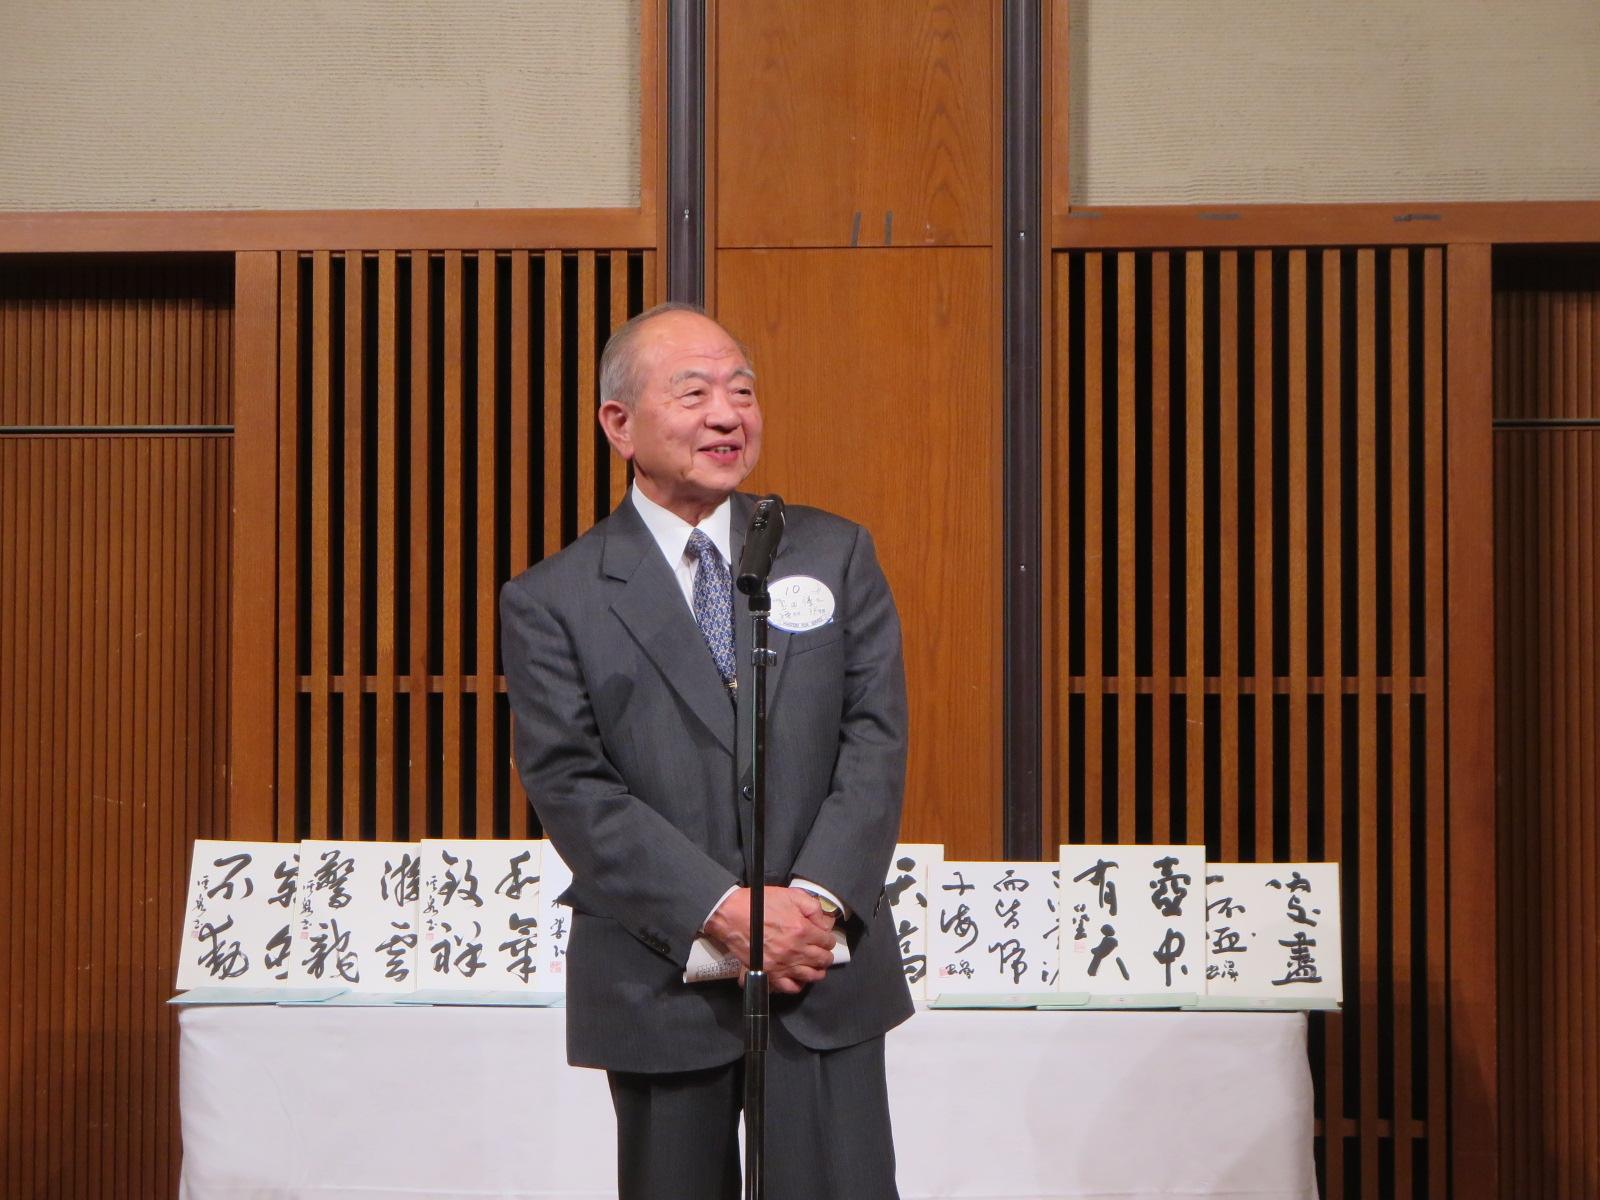 書道部創立60周年記念同窓会